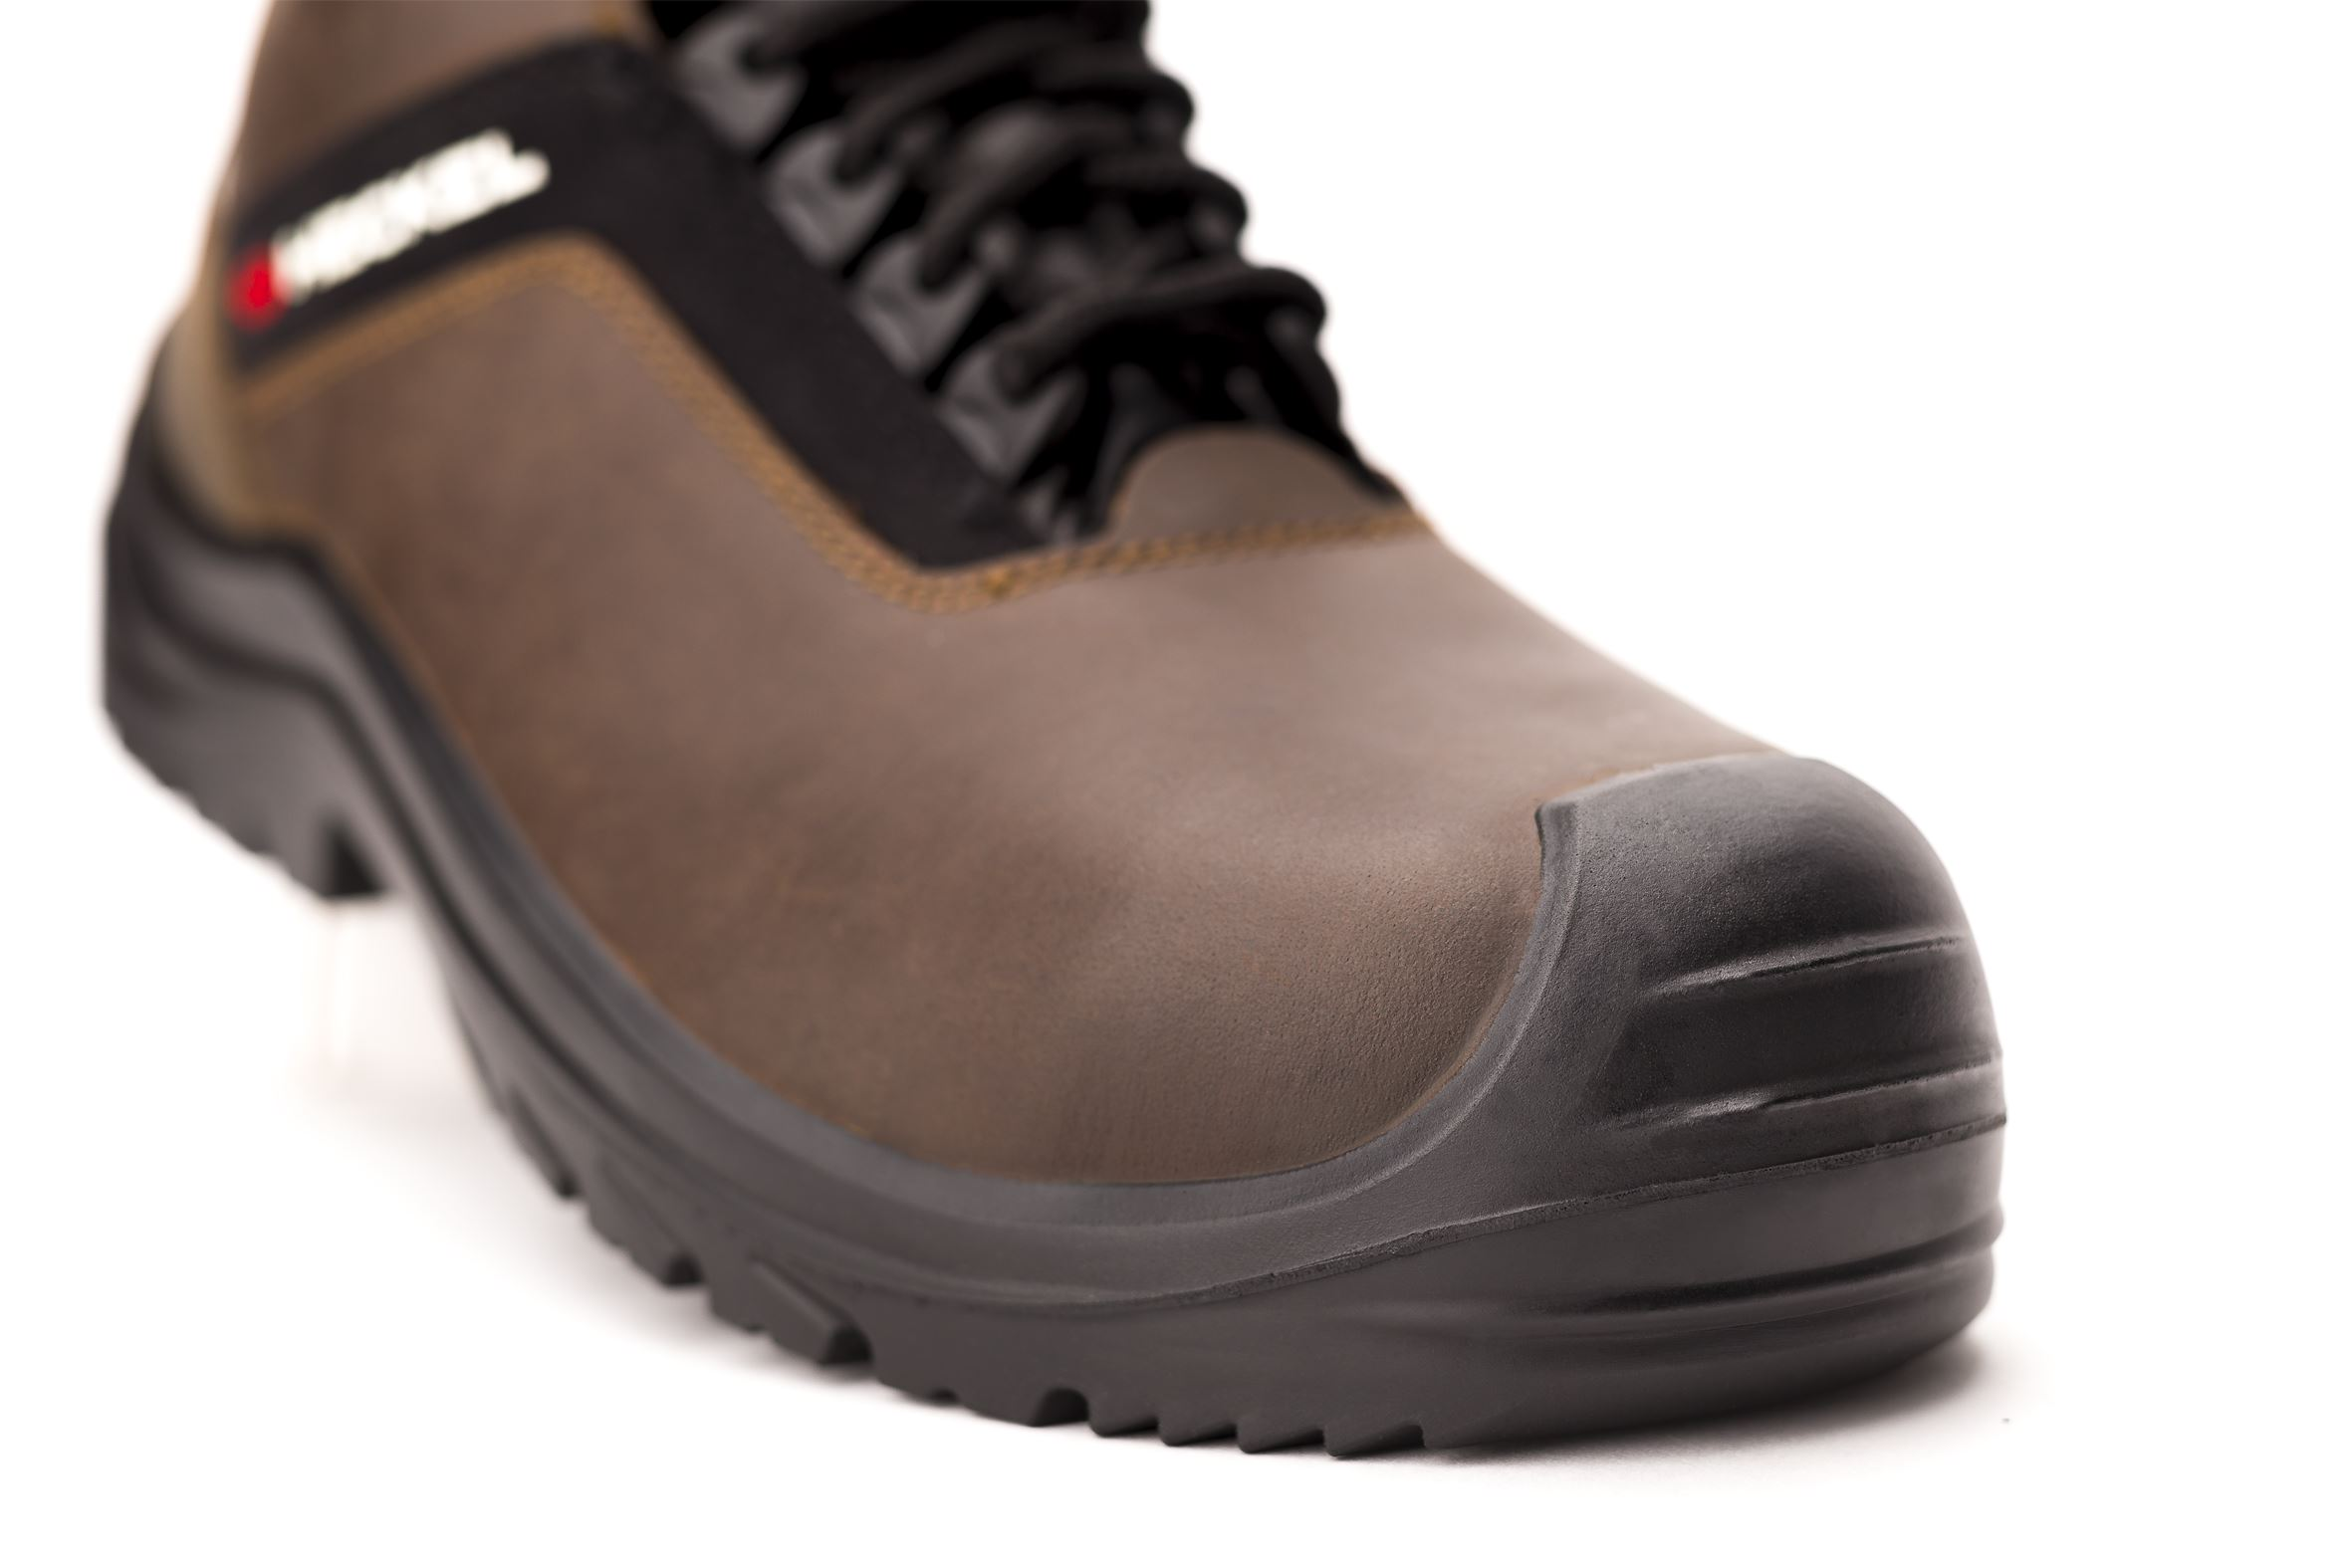 """""""Chaussure de sécurité haute S3 Suxxeed Offroad high - bput recouvert injecté en PU pour une durée de vie prolongée de la chaussure"""""""